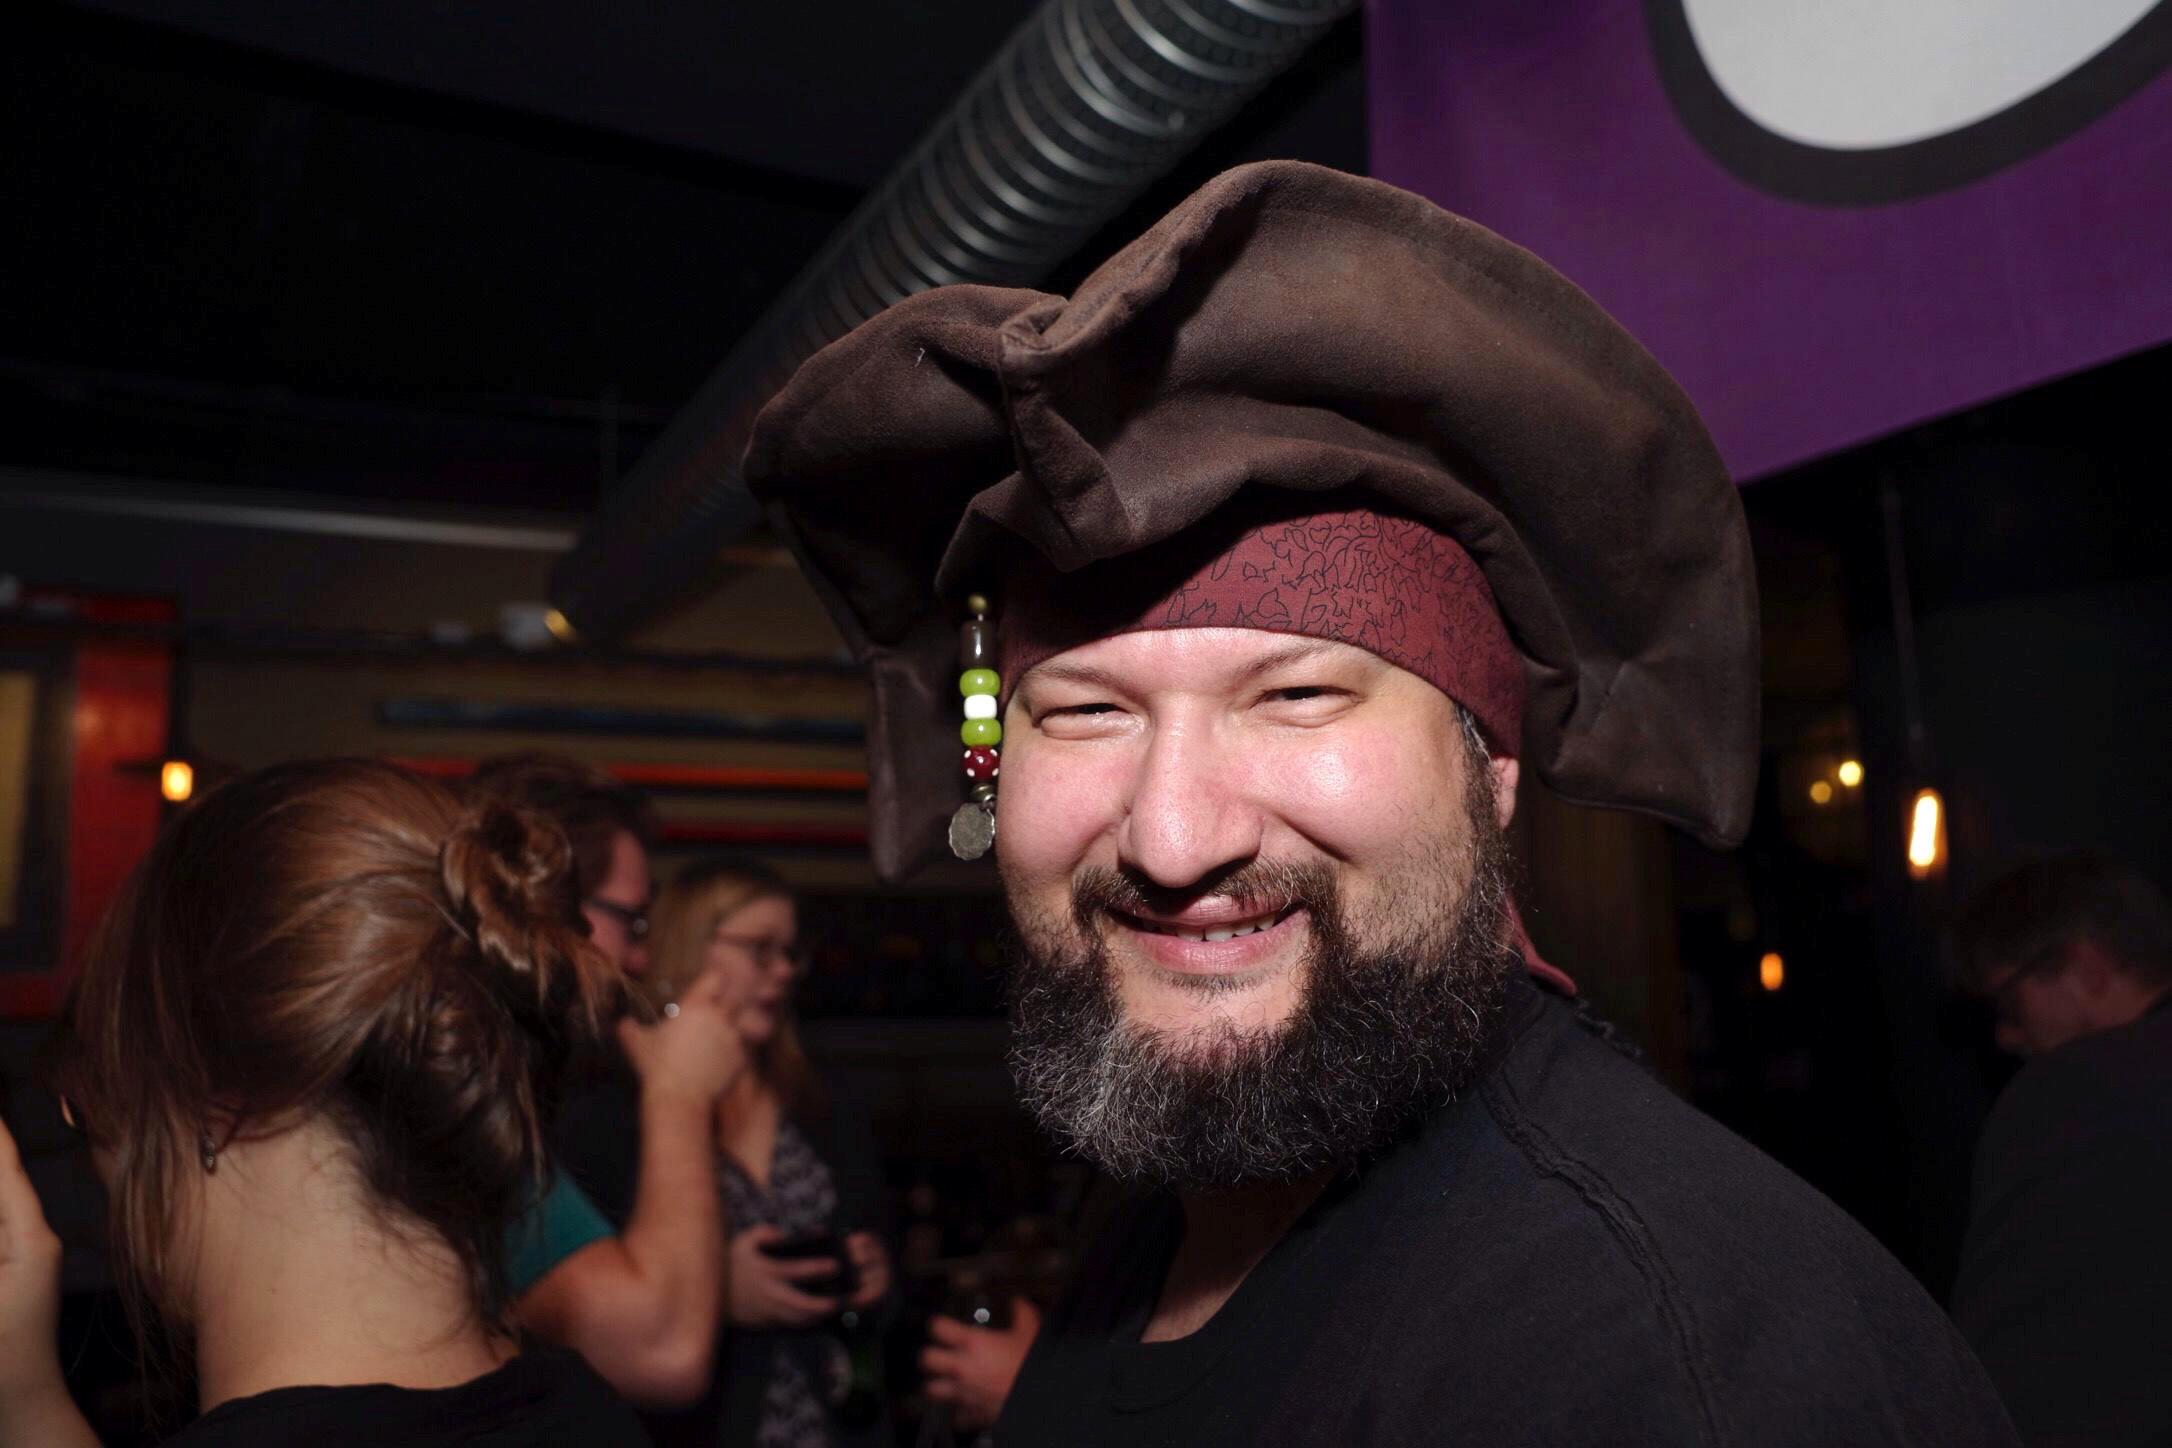 Сторонник Пиратской партии, Исландия, 29 октября 2016 г.